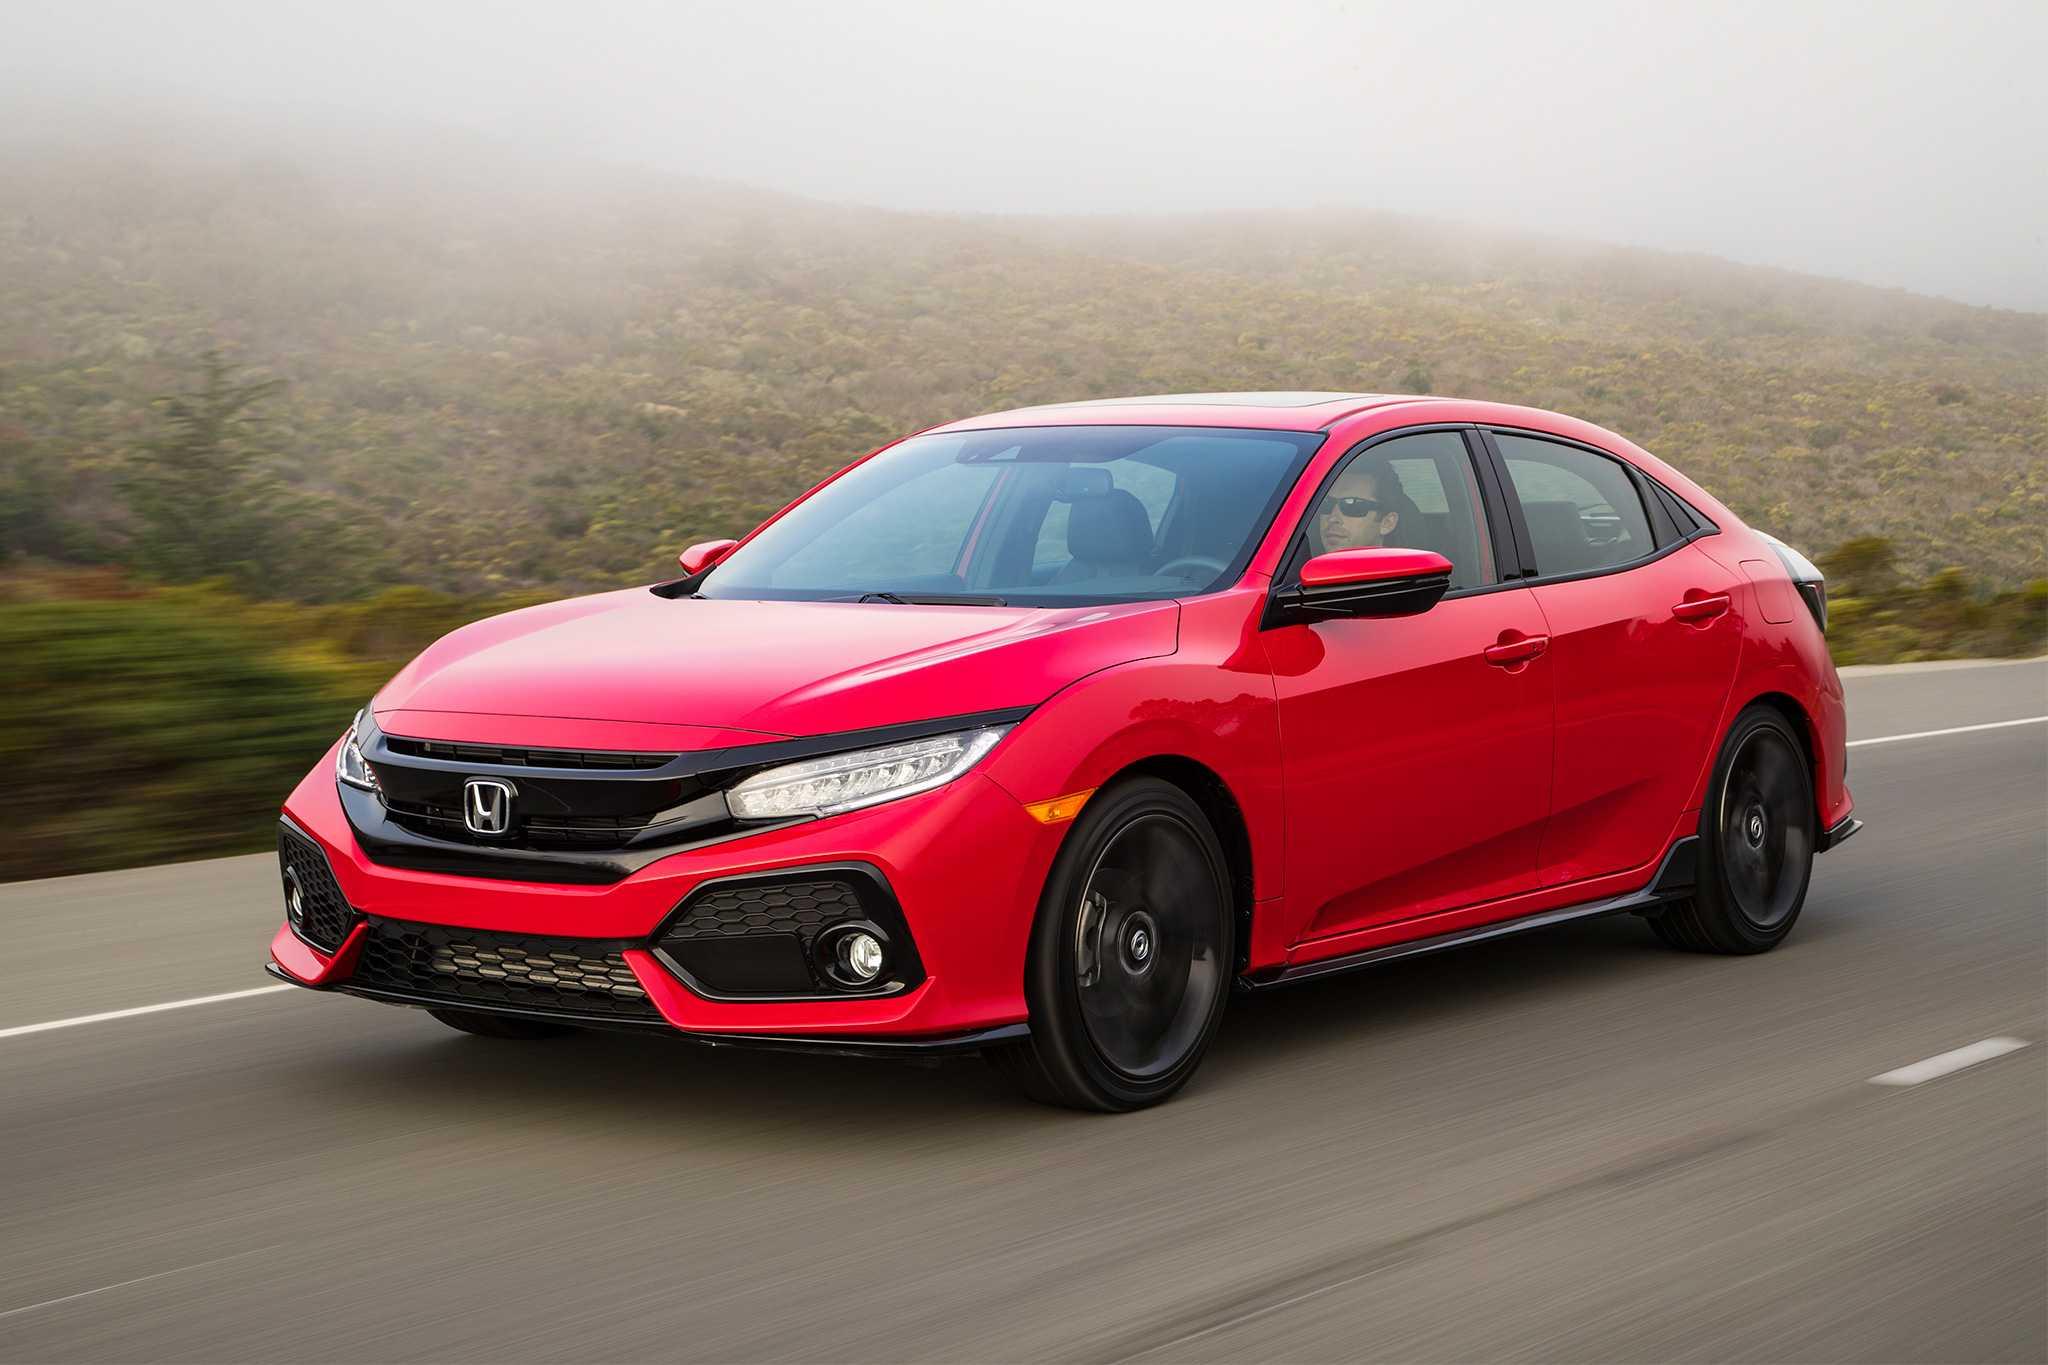 2017 Honda Civic Hatchback Base Model Priced at $20,535